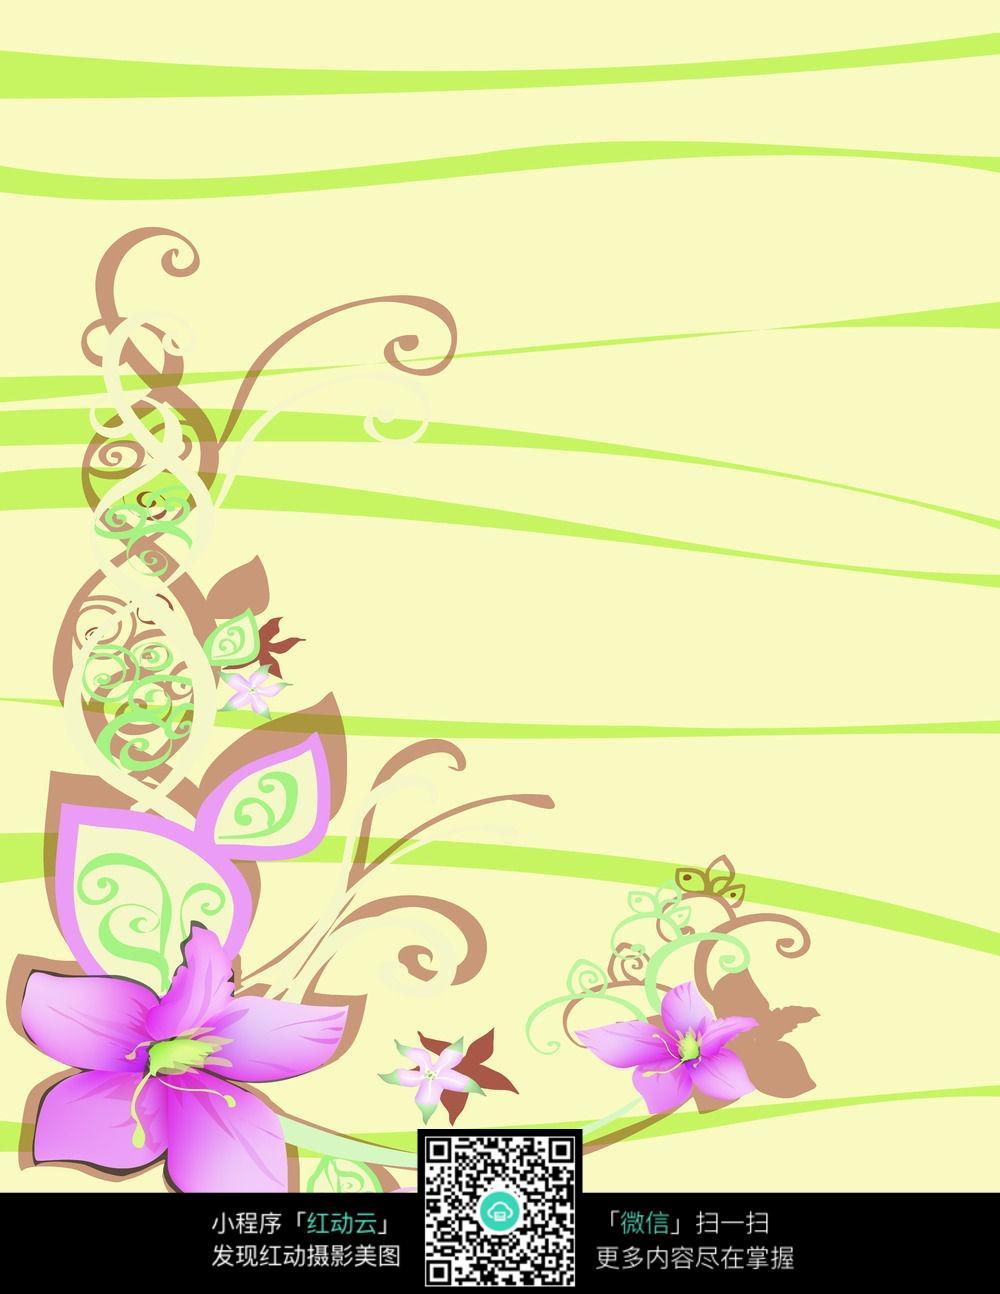 卡通贴画植物图片大全